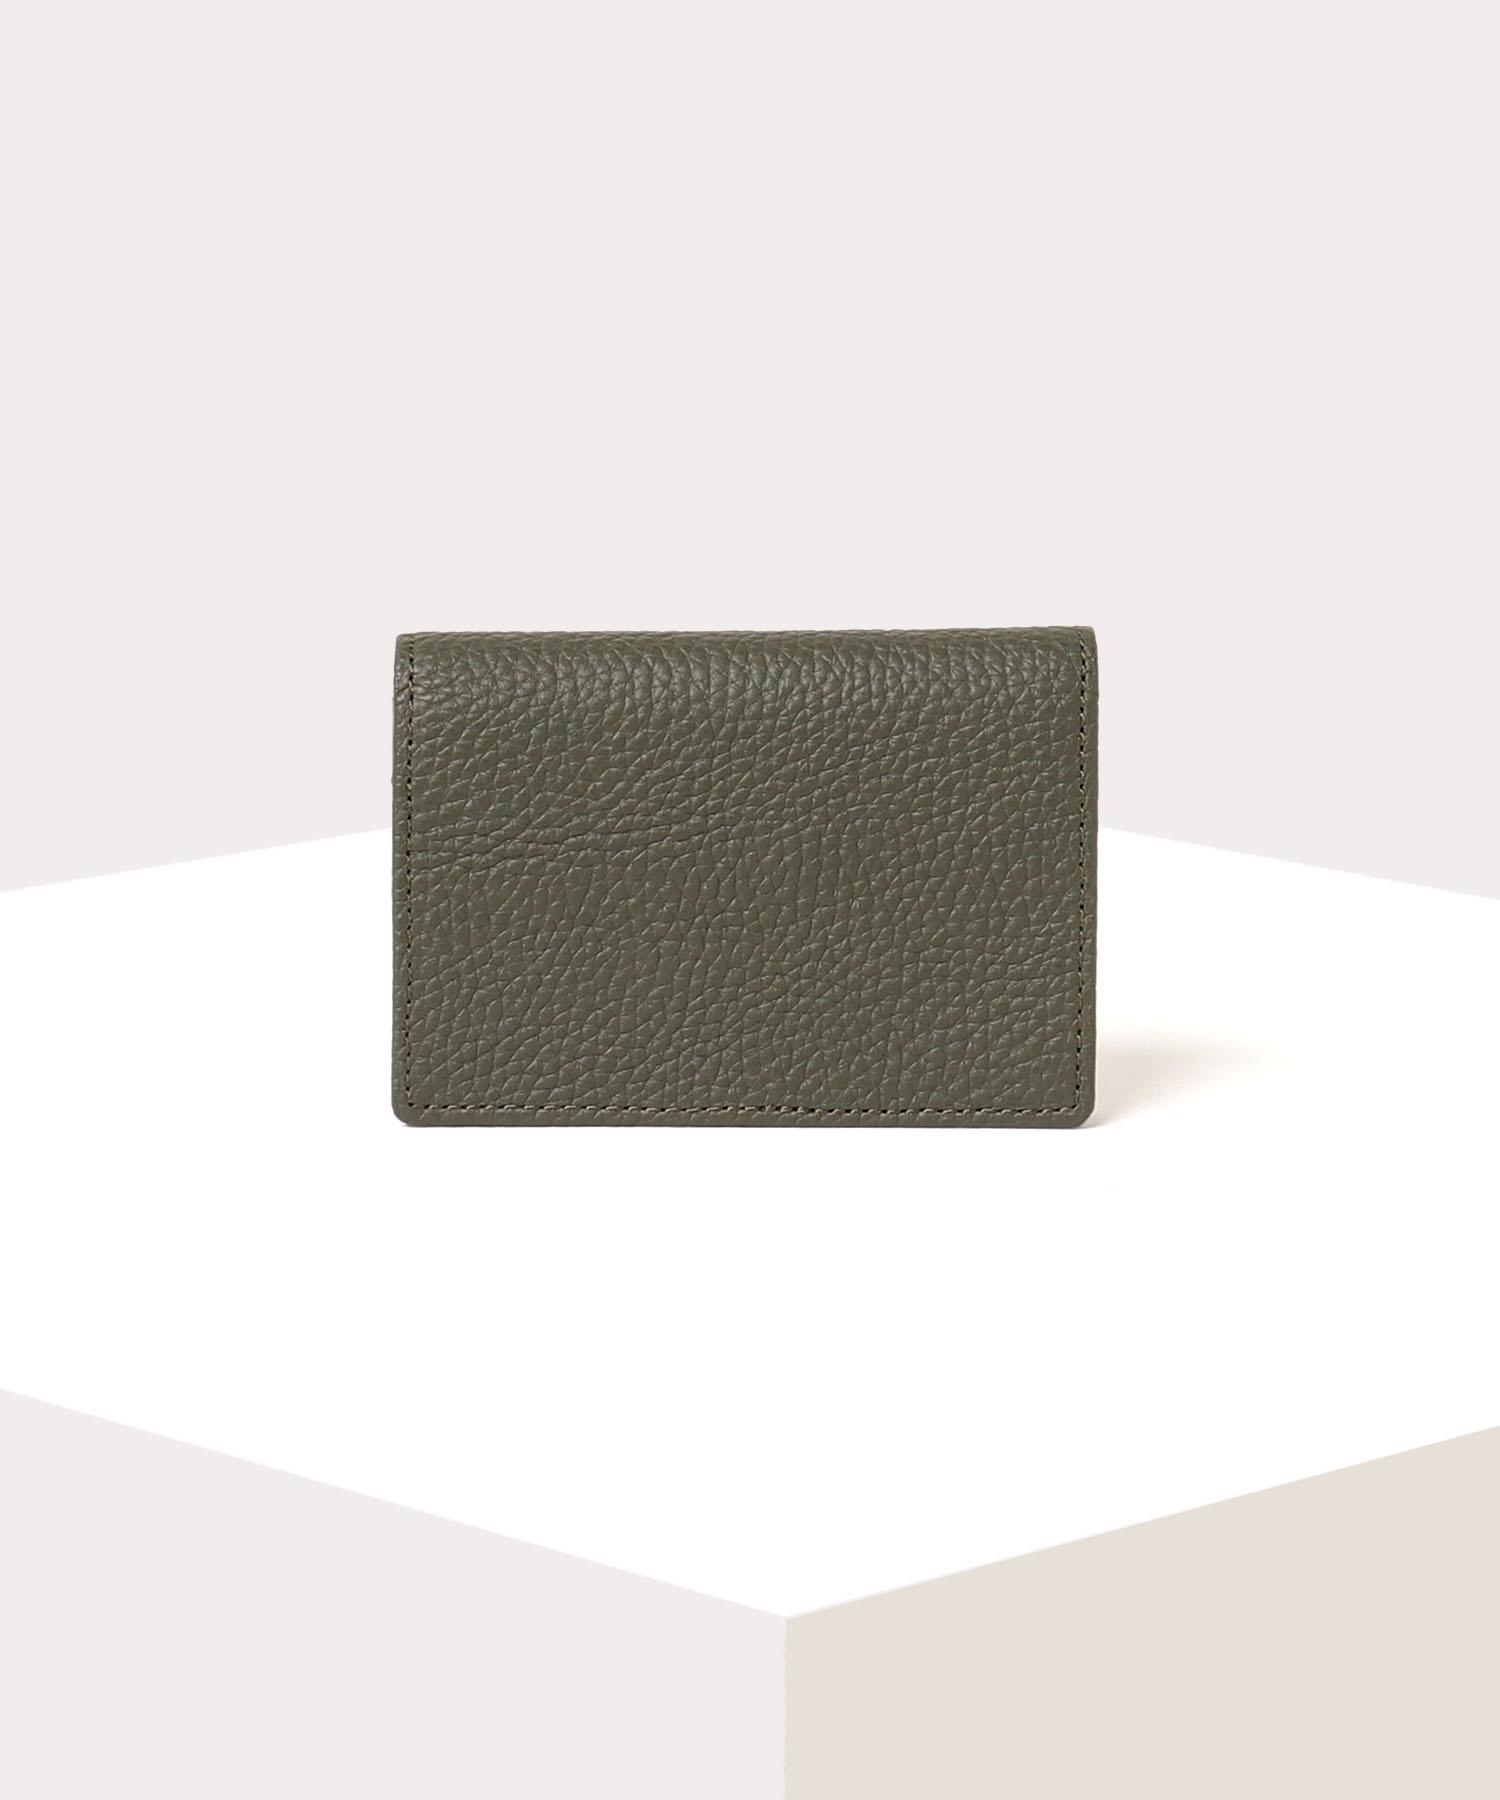 NEW ダブルフラップ カードケース